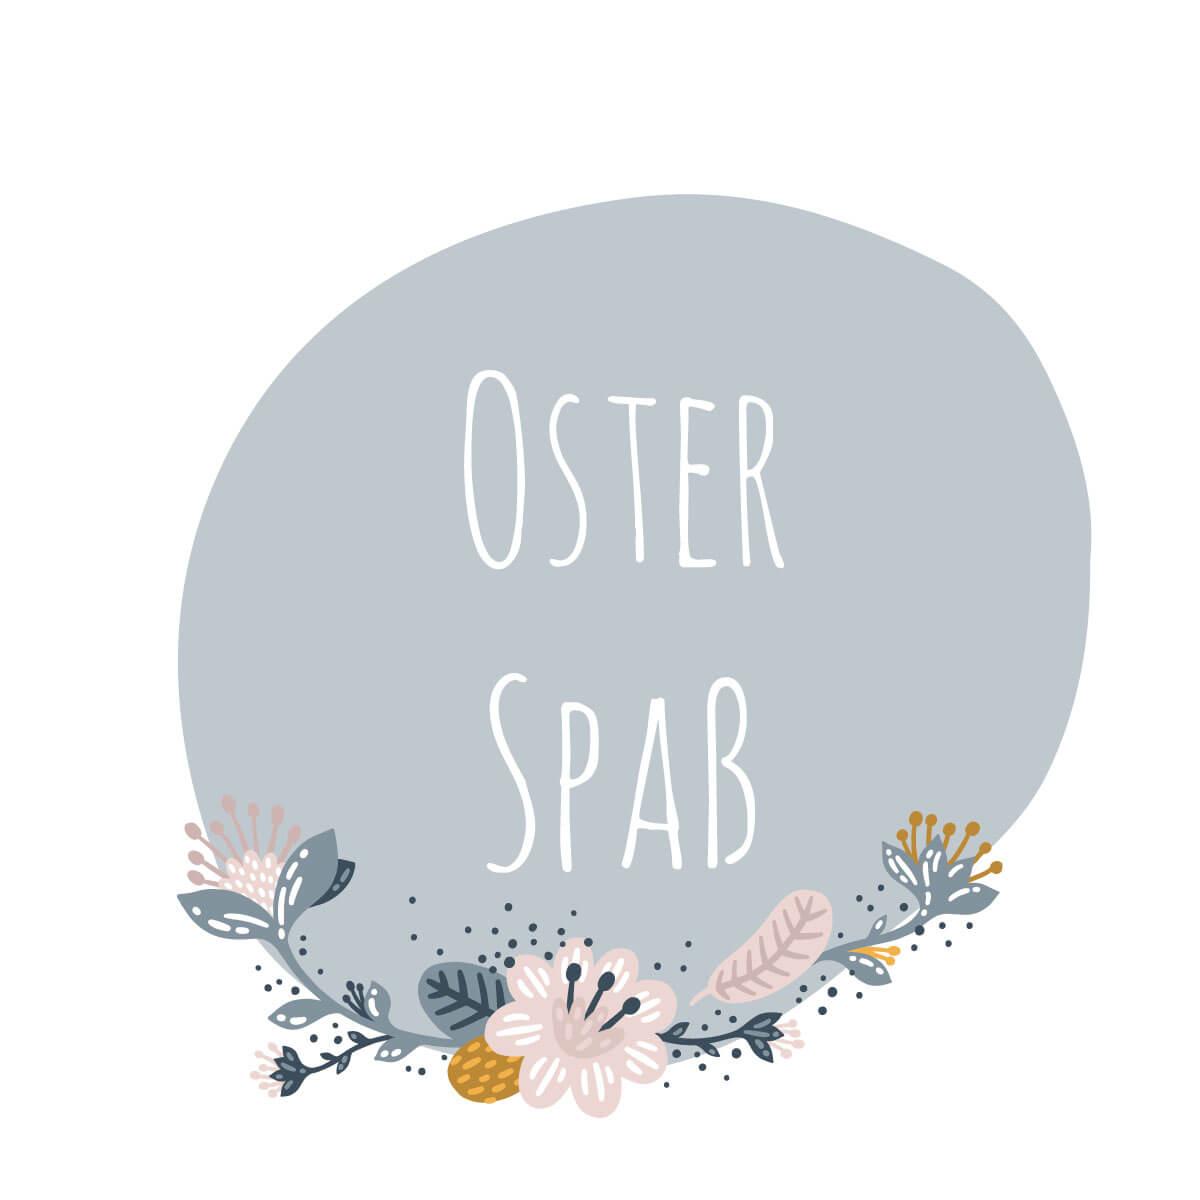 Osterspass1